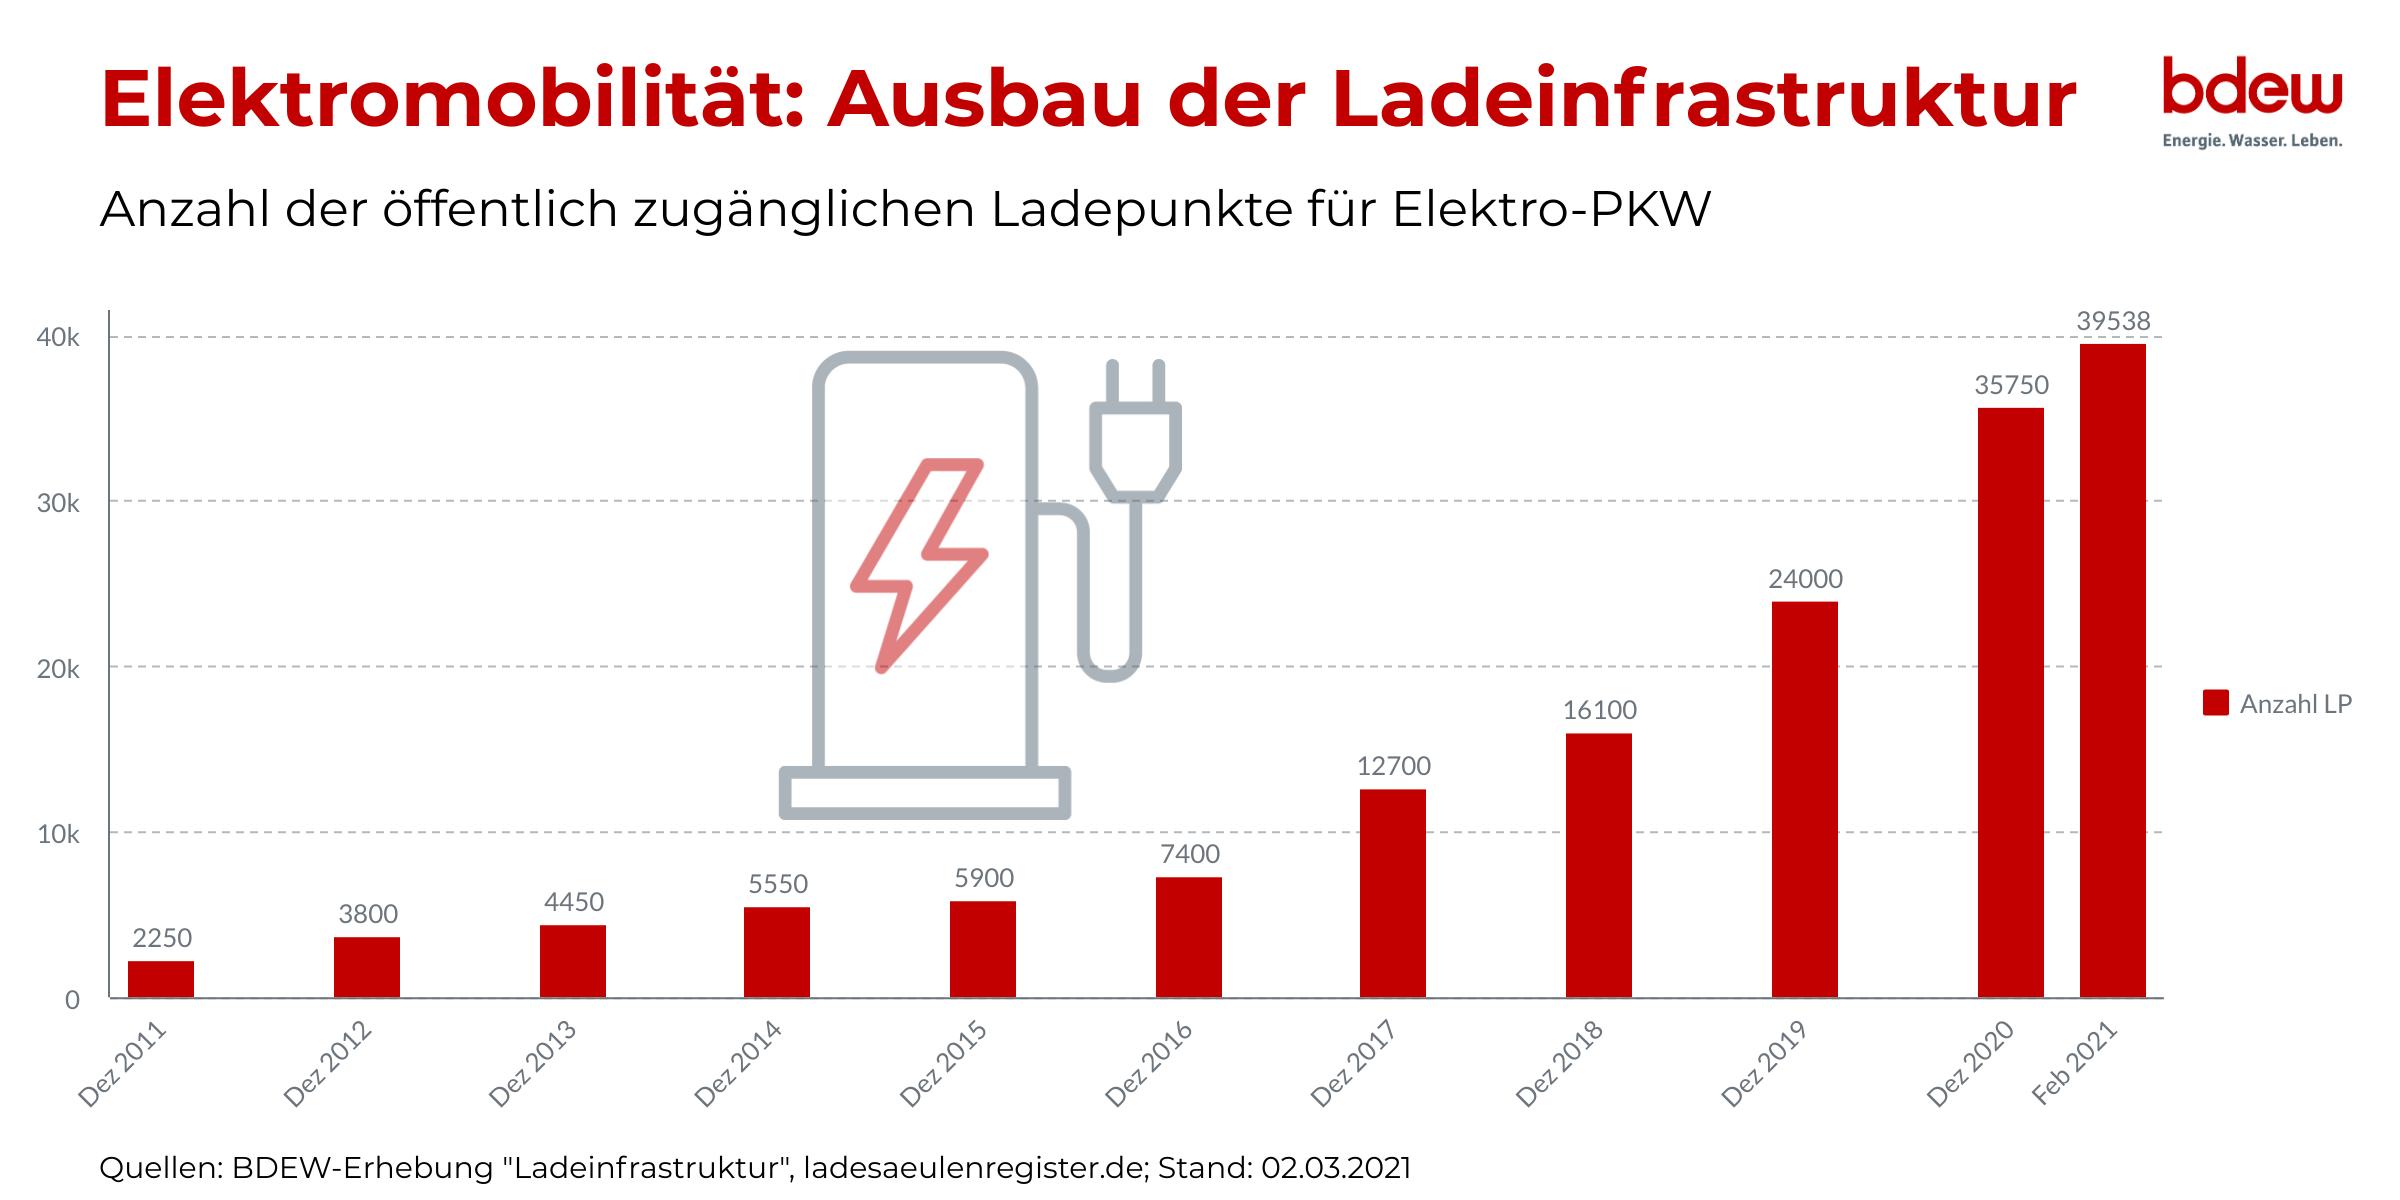 Elektromobilität: Entwicklung der öffentlichen Ladepunkte 2011 - 2021